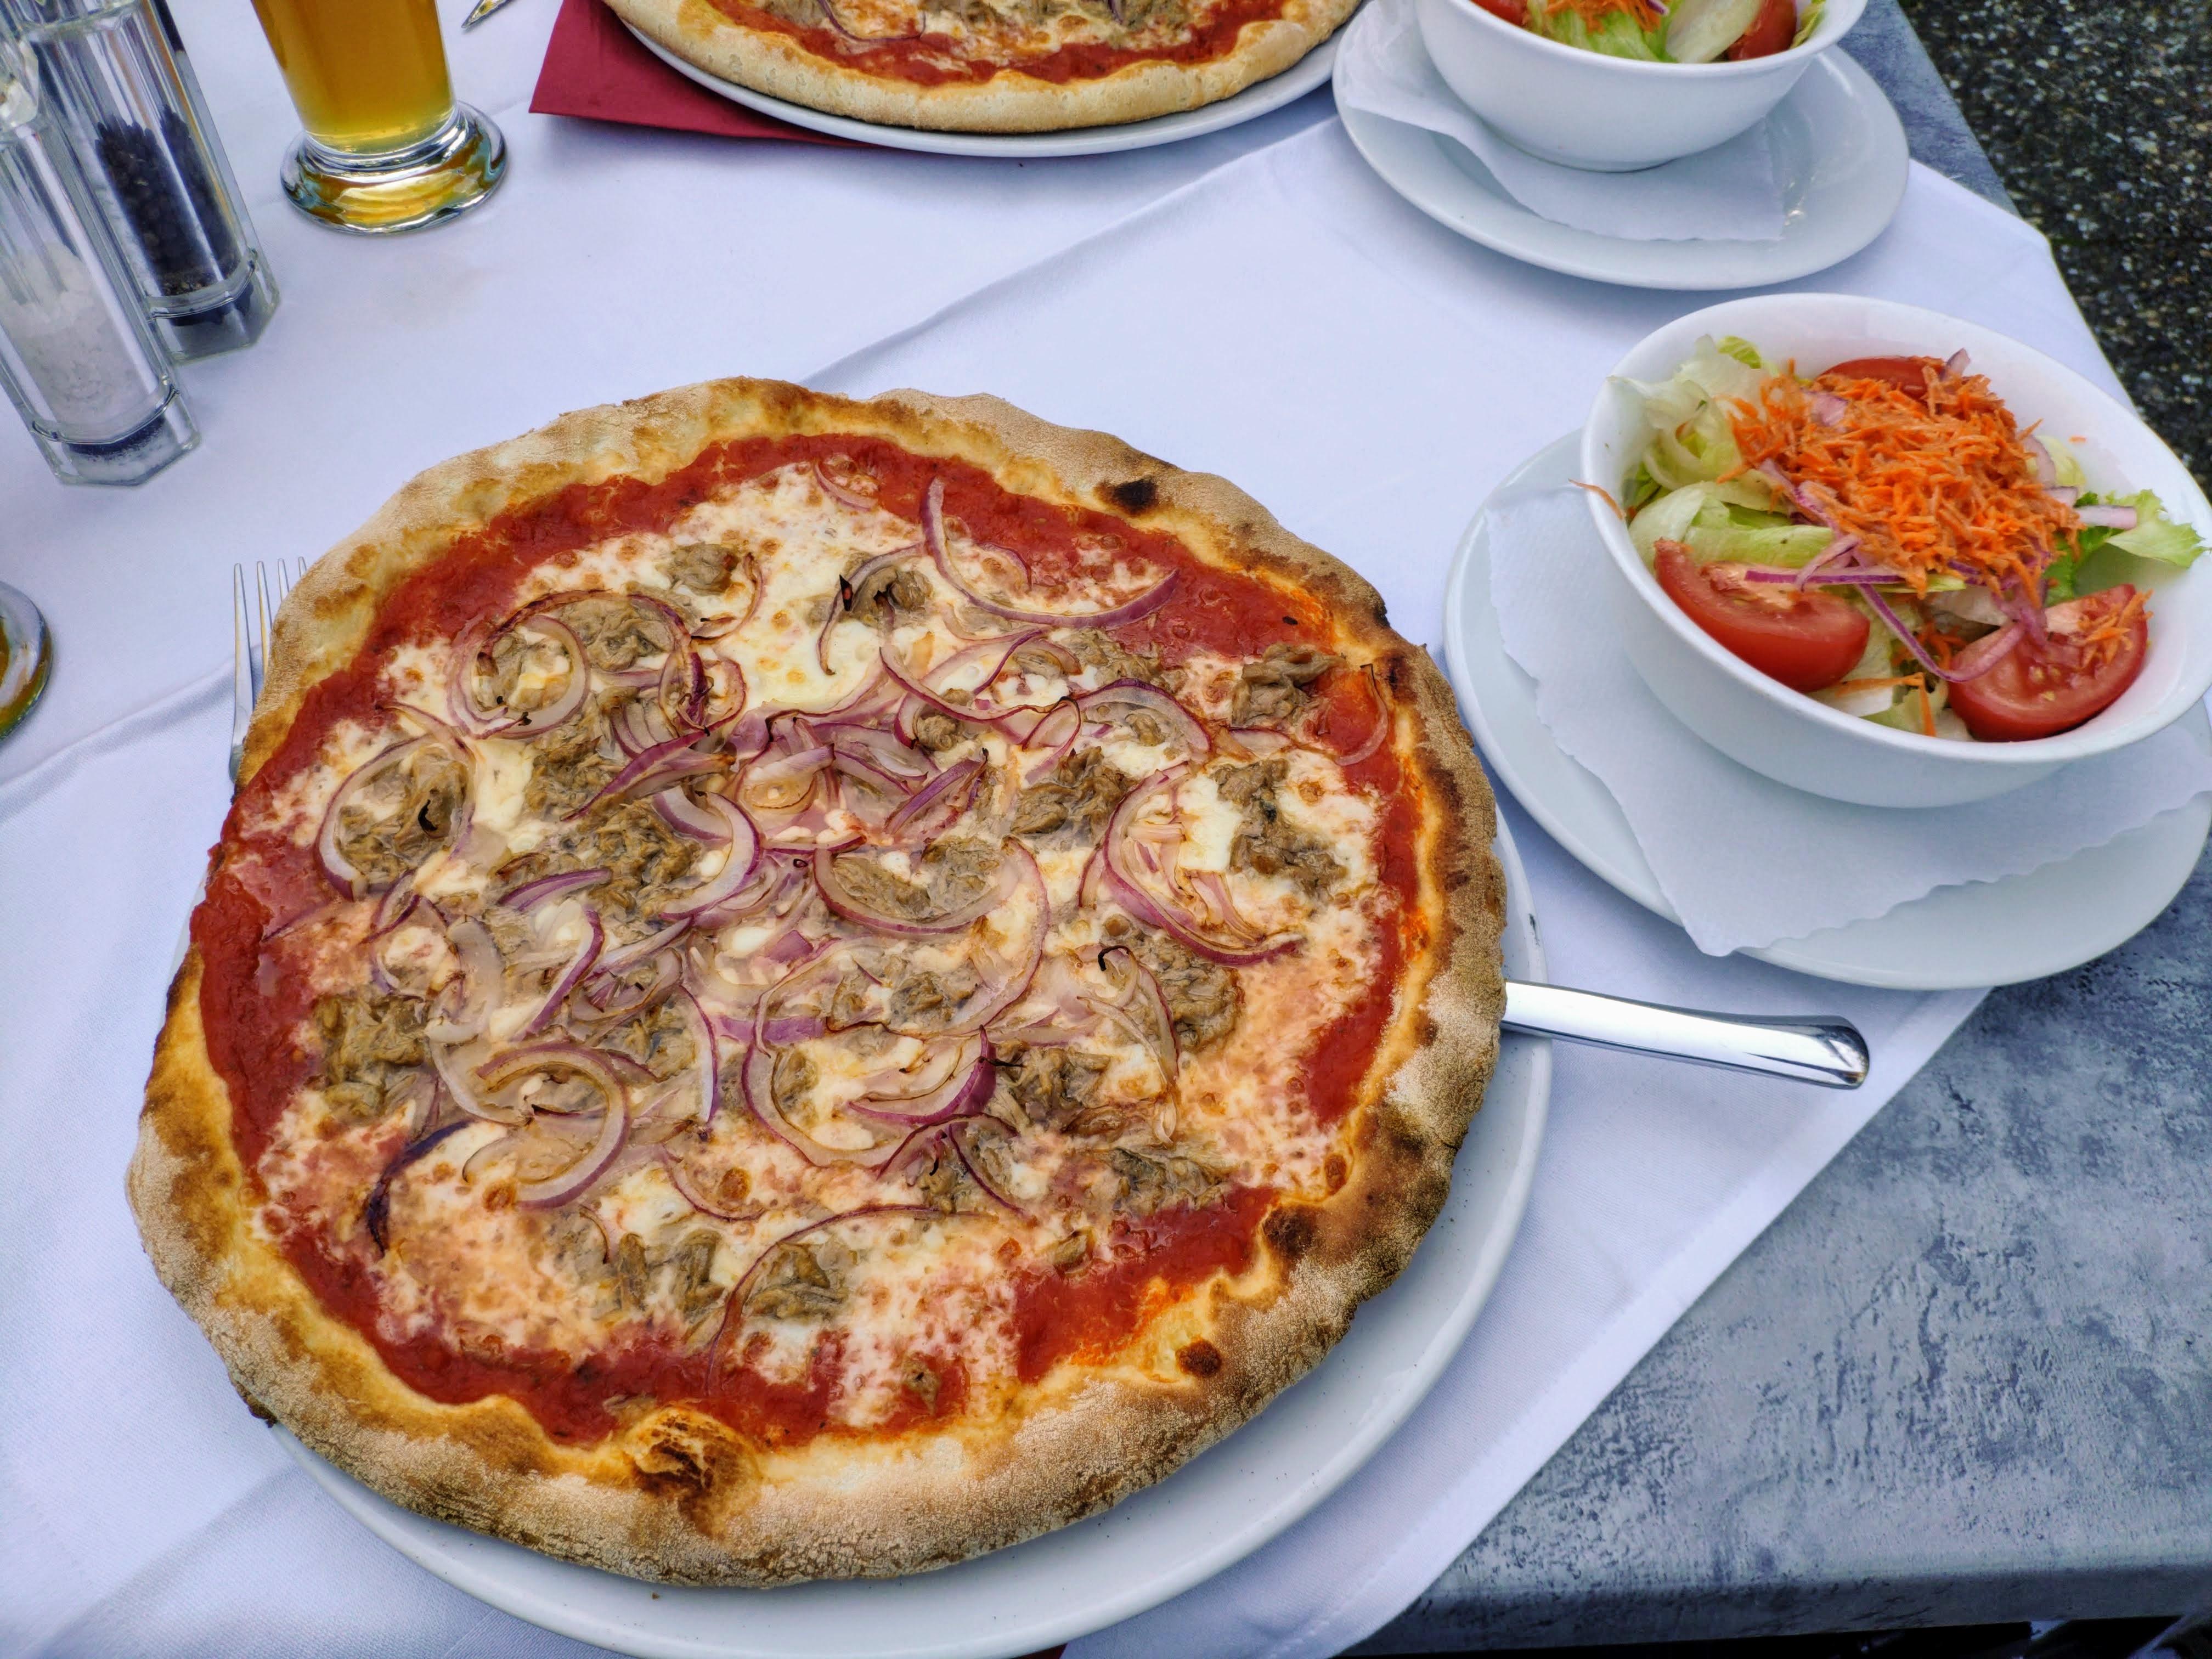 https://foodloader.net/nico_2020-09-08_pizza-thunfisch-zwiebeln-und-salat.jpg